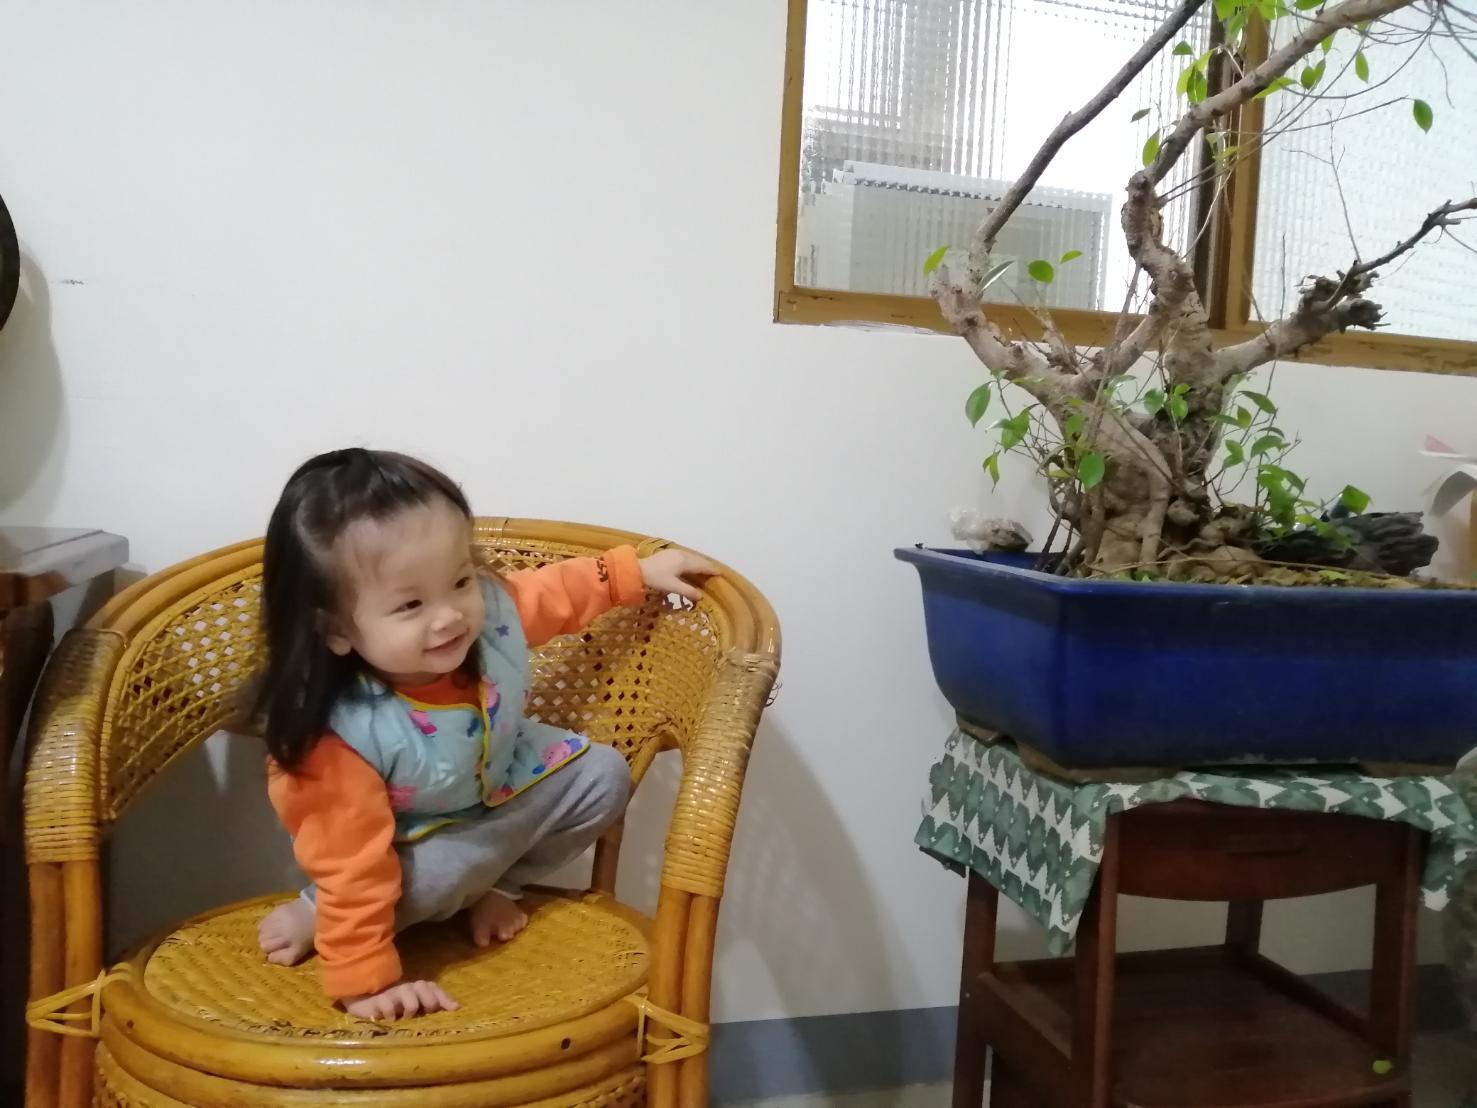 旅喵寶貝 Oh yeah!1歲4個月囉